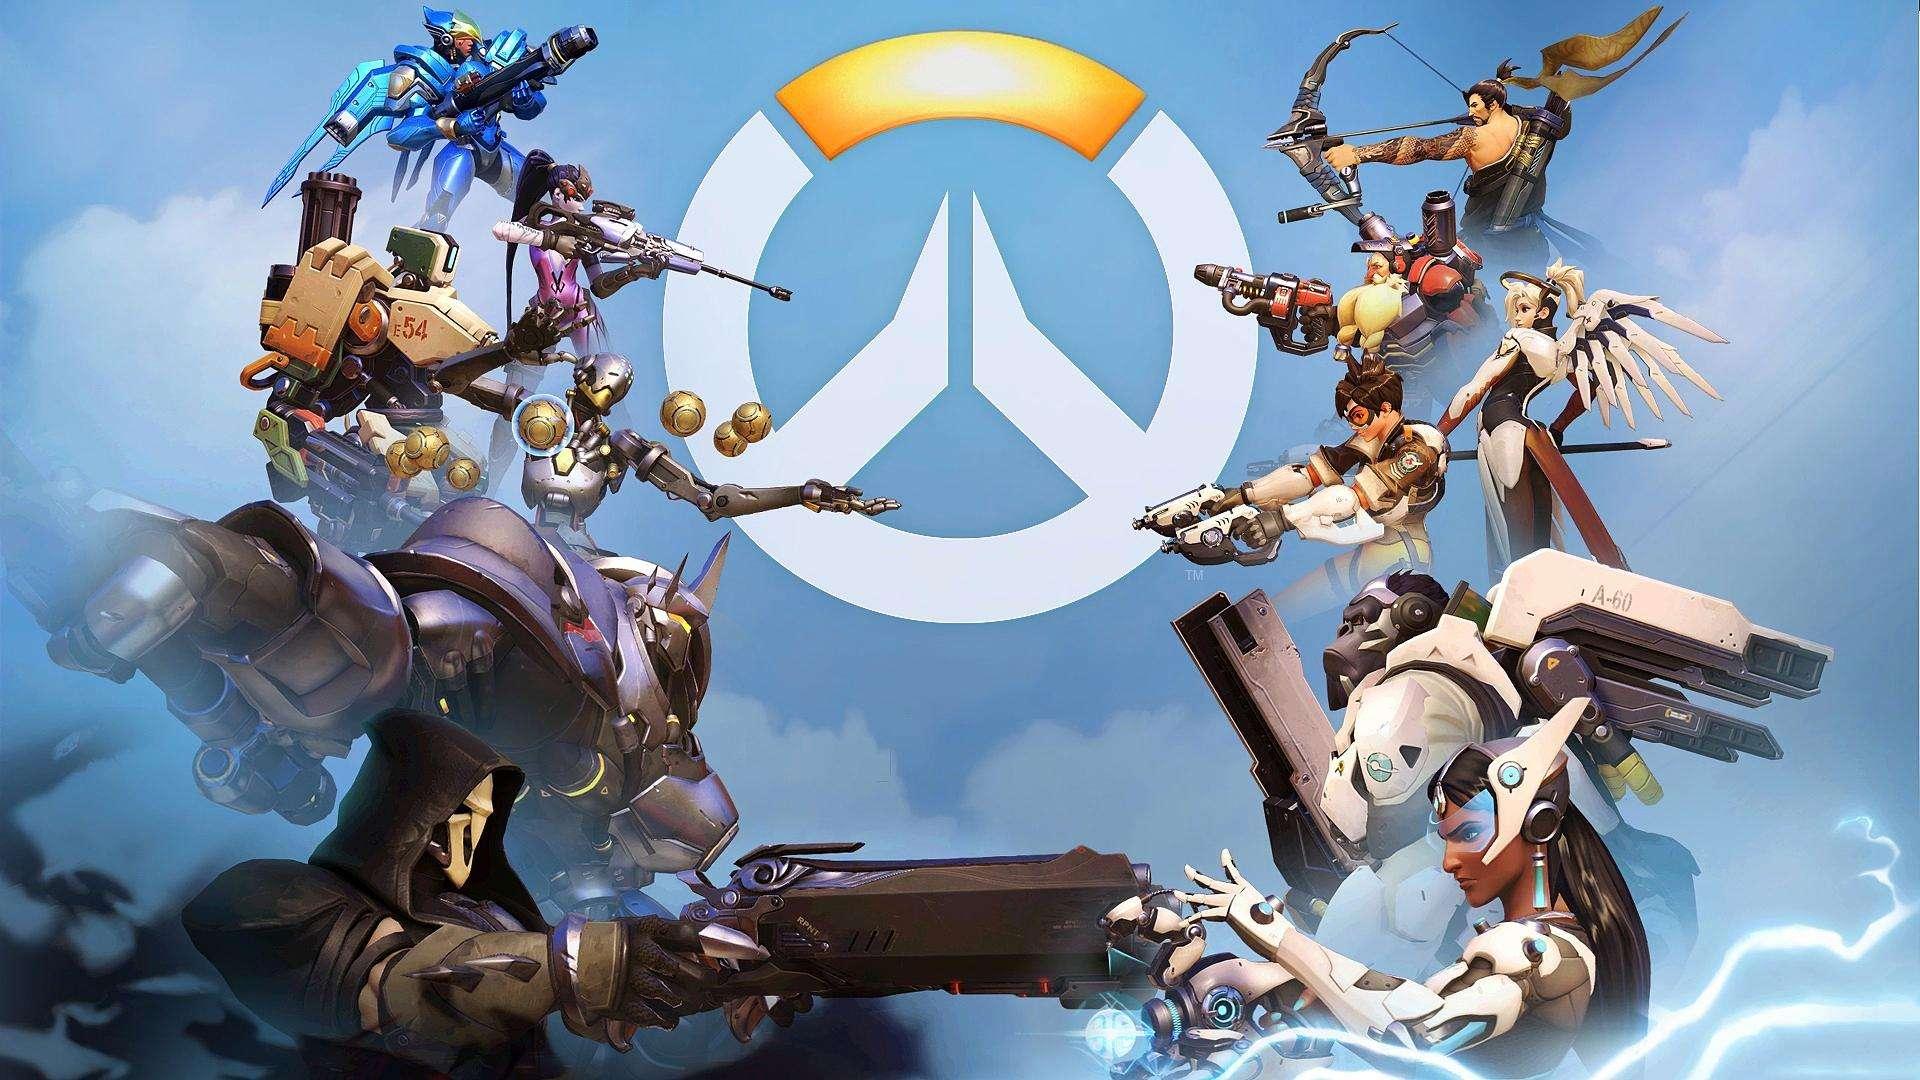 《守望先锋》发布新补丁:调整部分英雄平衡性